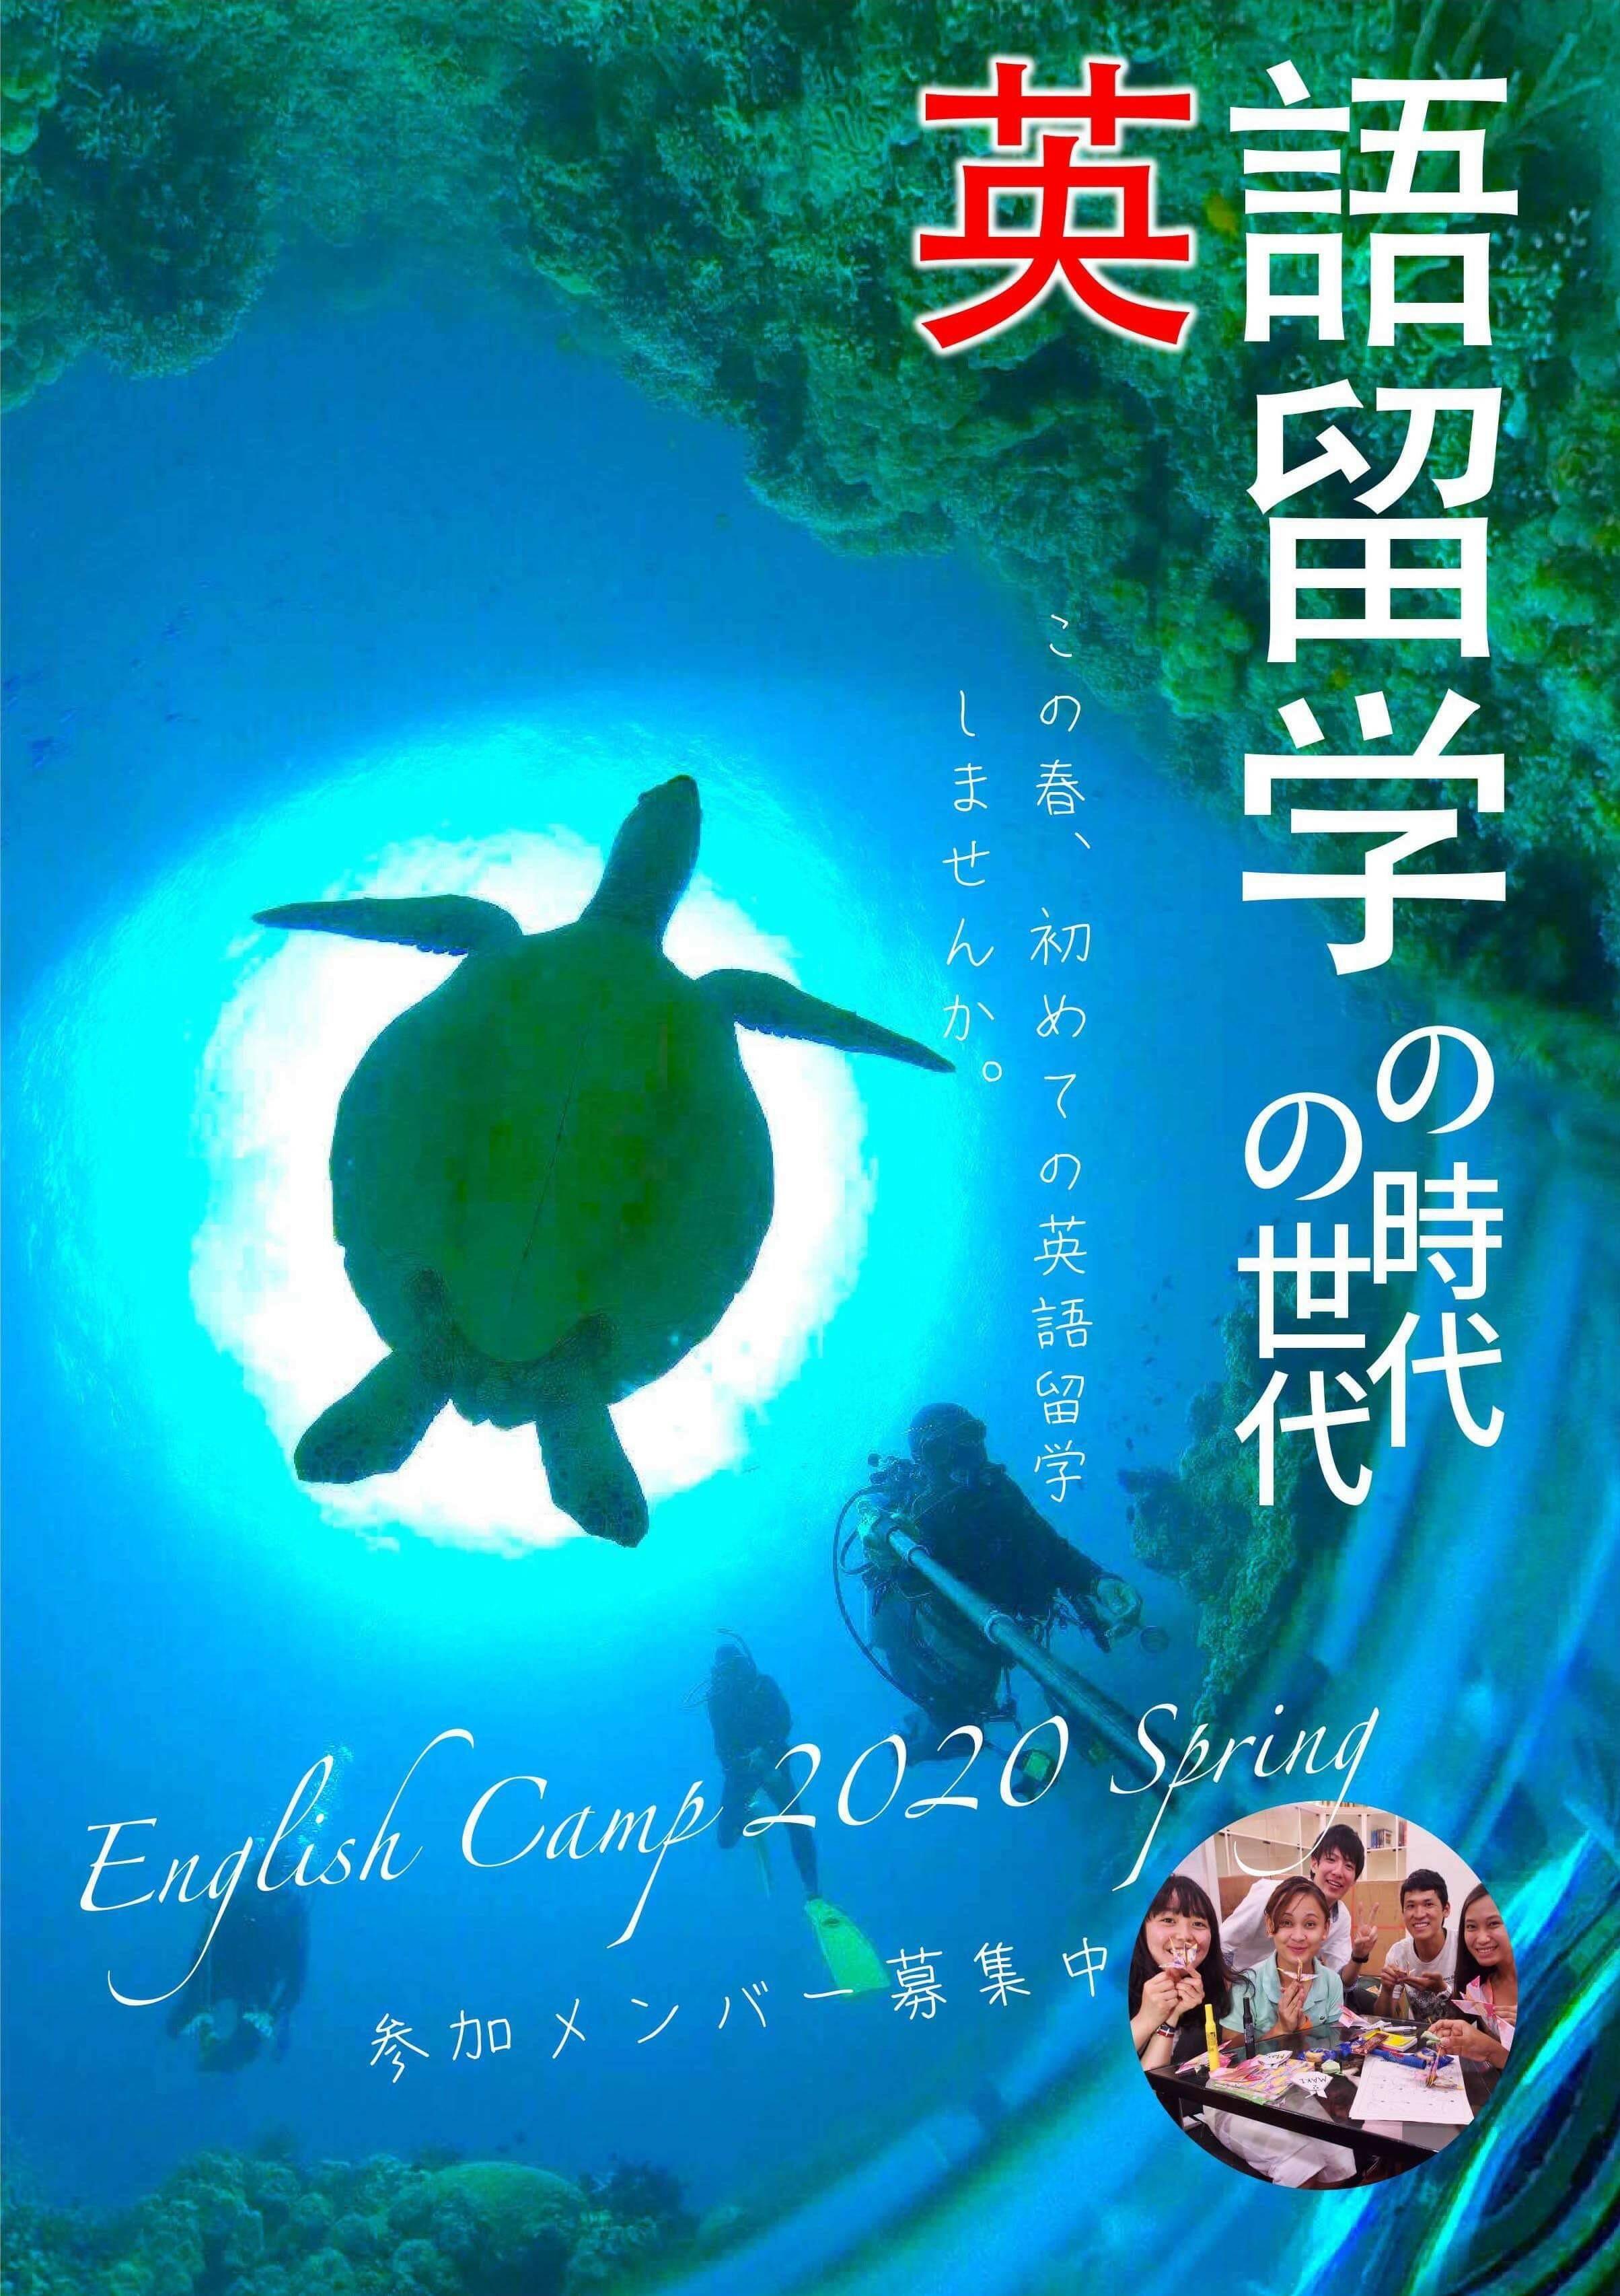 初めての英語留学☆English camp 2020年春/広大メンバー募集中!【広大イングリッシュキャンプ2020年春運営チーム】